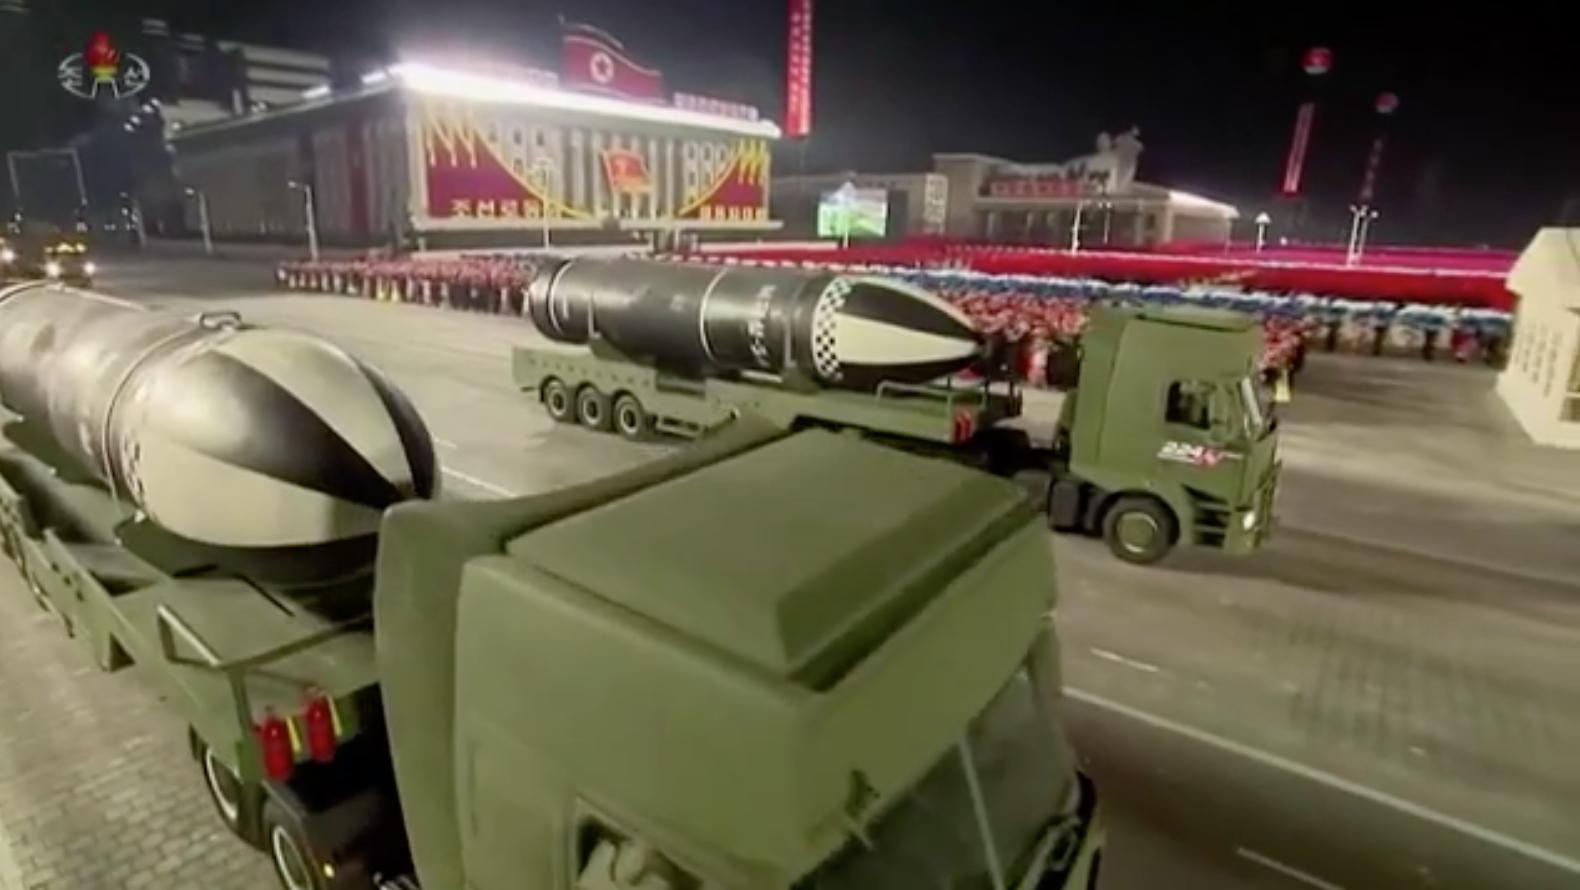 Bắc Hàn phô trương hỏa tiễn phóng từ tàu ngầm mới sau đại hội đảng hiếm hoi